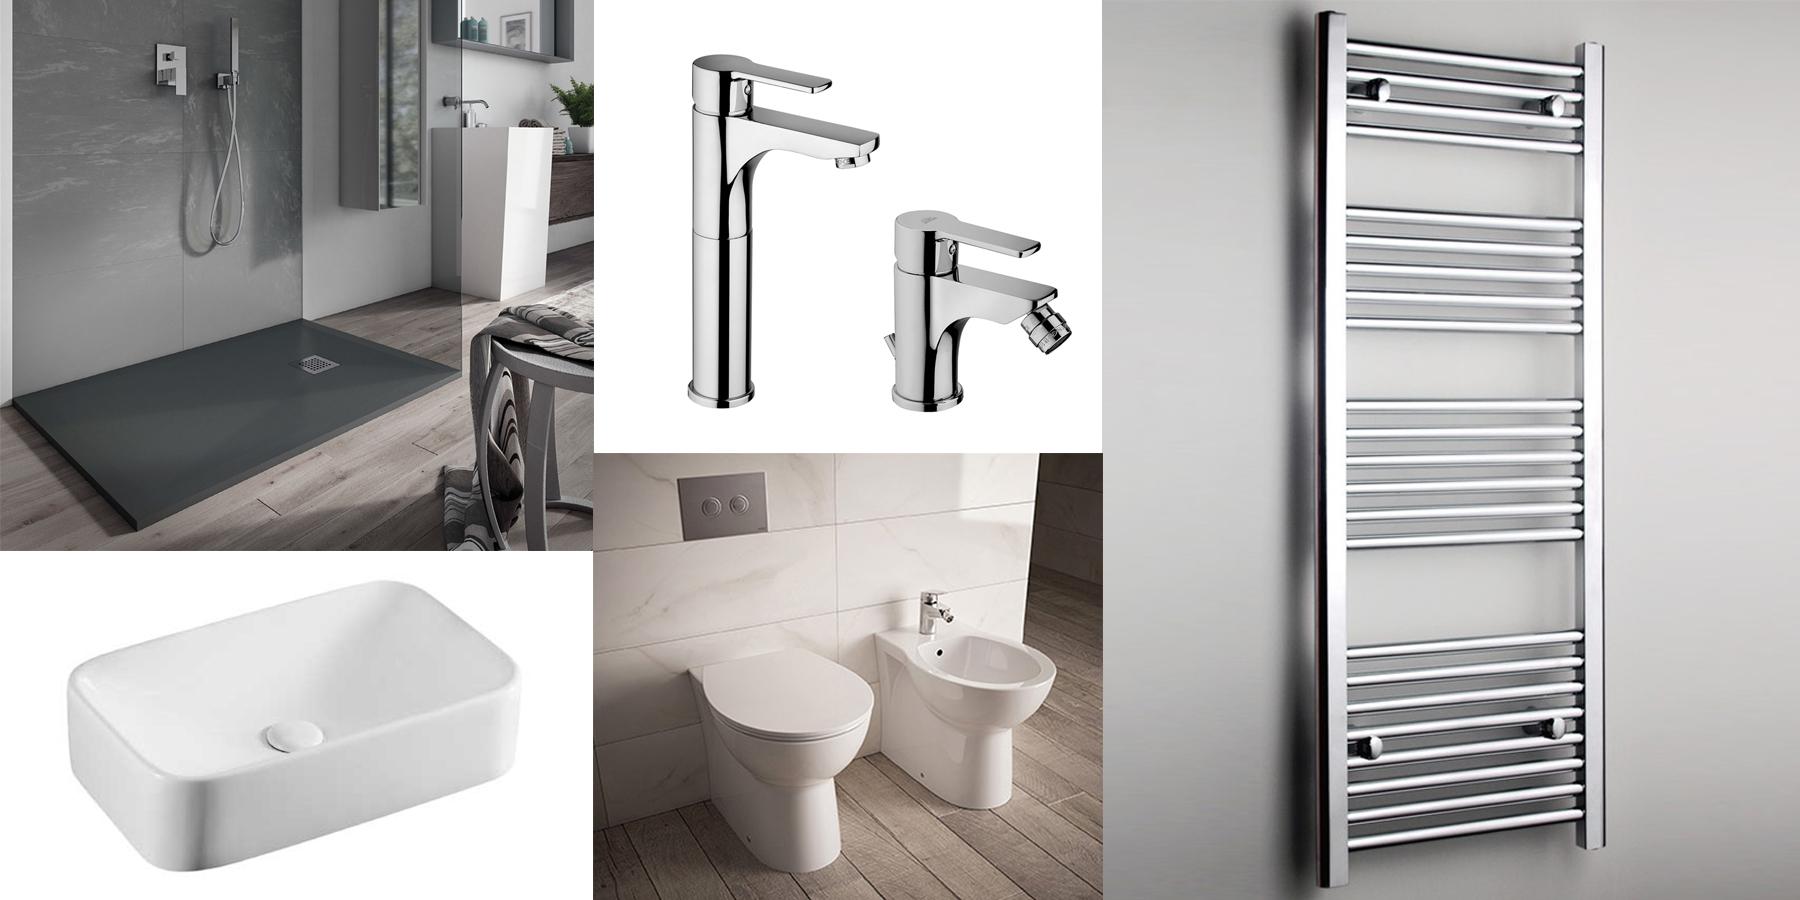 Come realizzare un bagno low cost: ecco alcuni trucchi